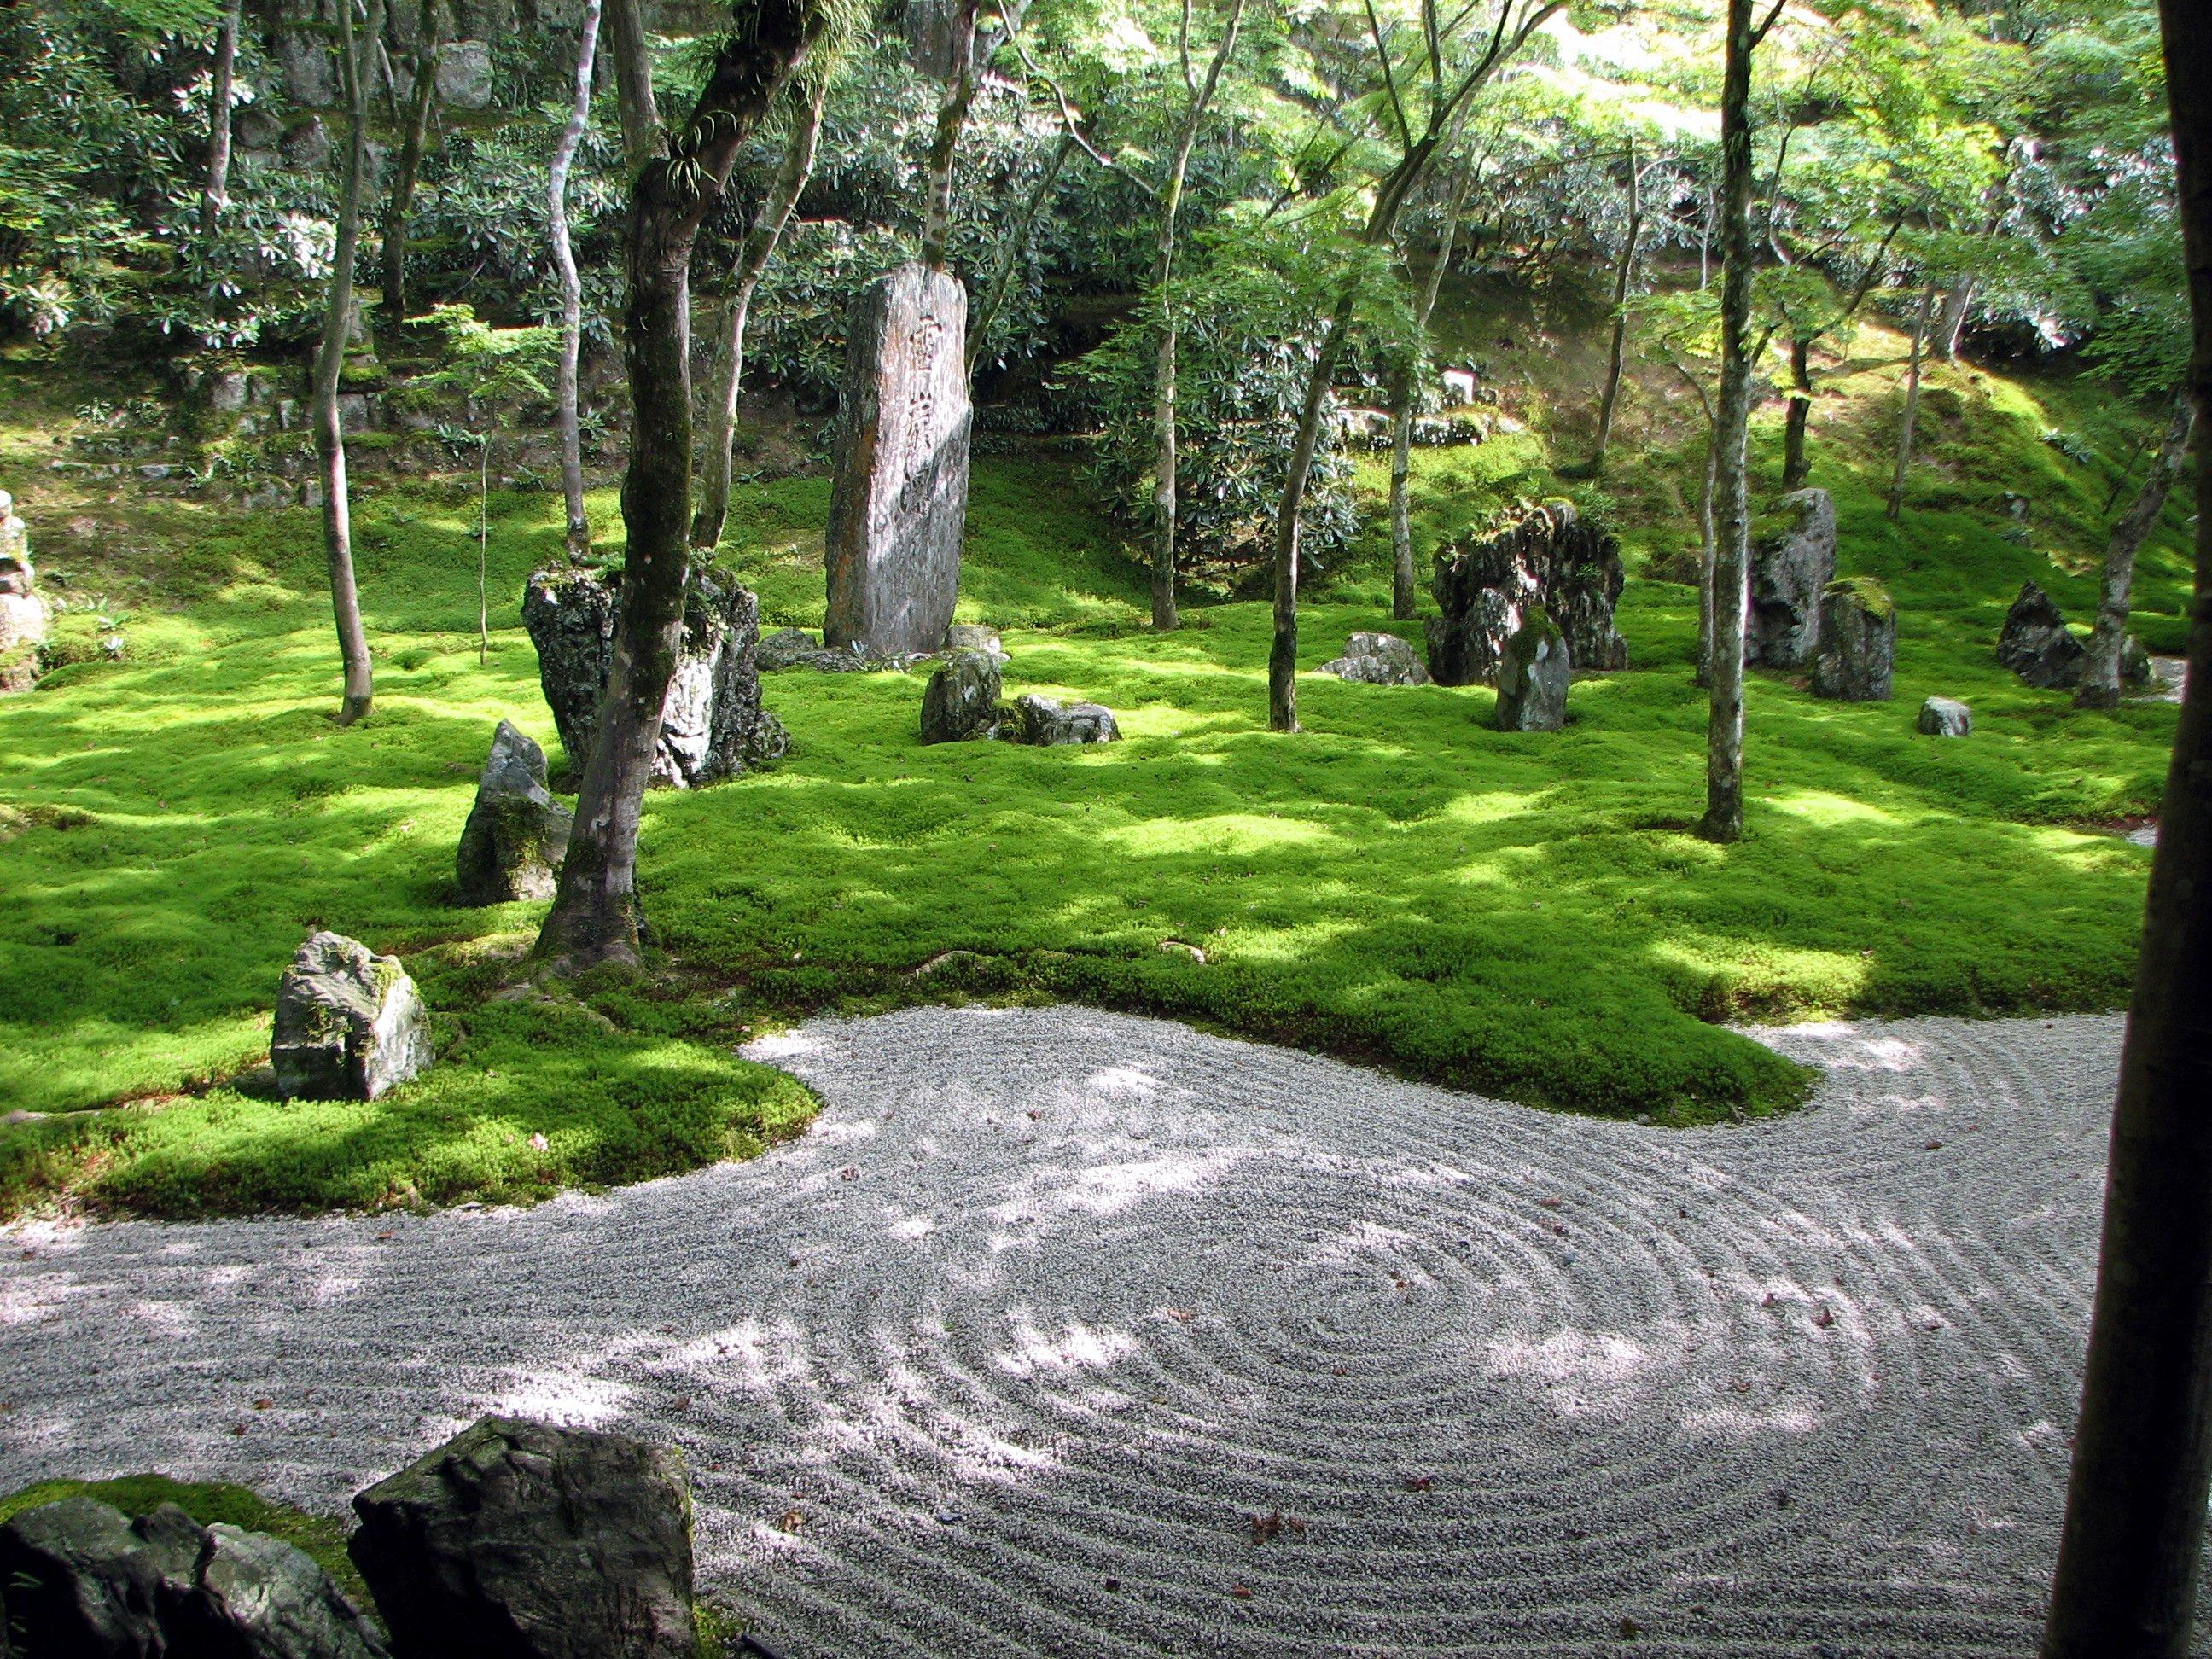 Zen Garden Wallpaper Desktop - WallpaperSafari